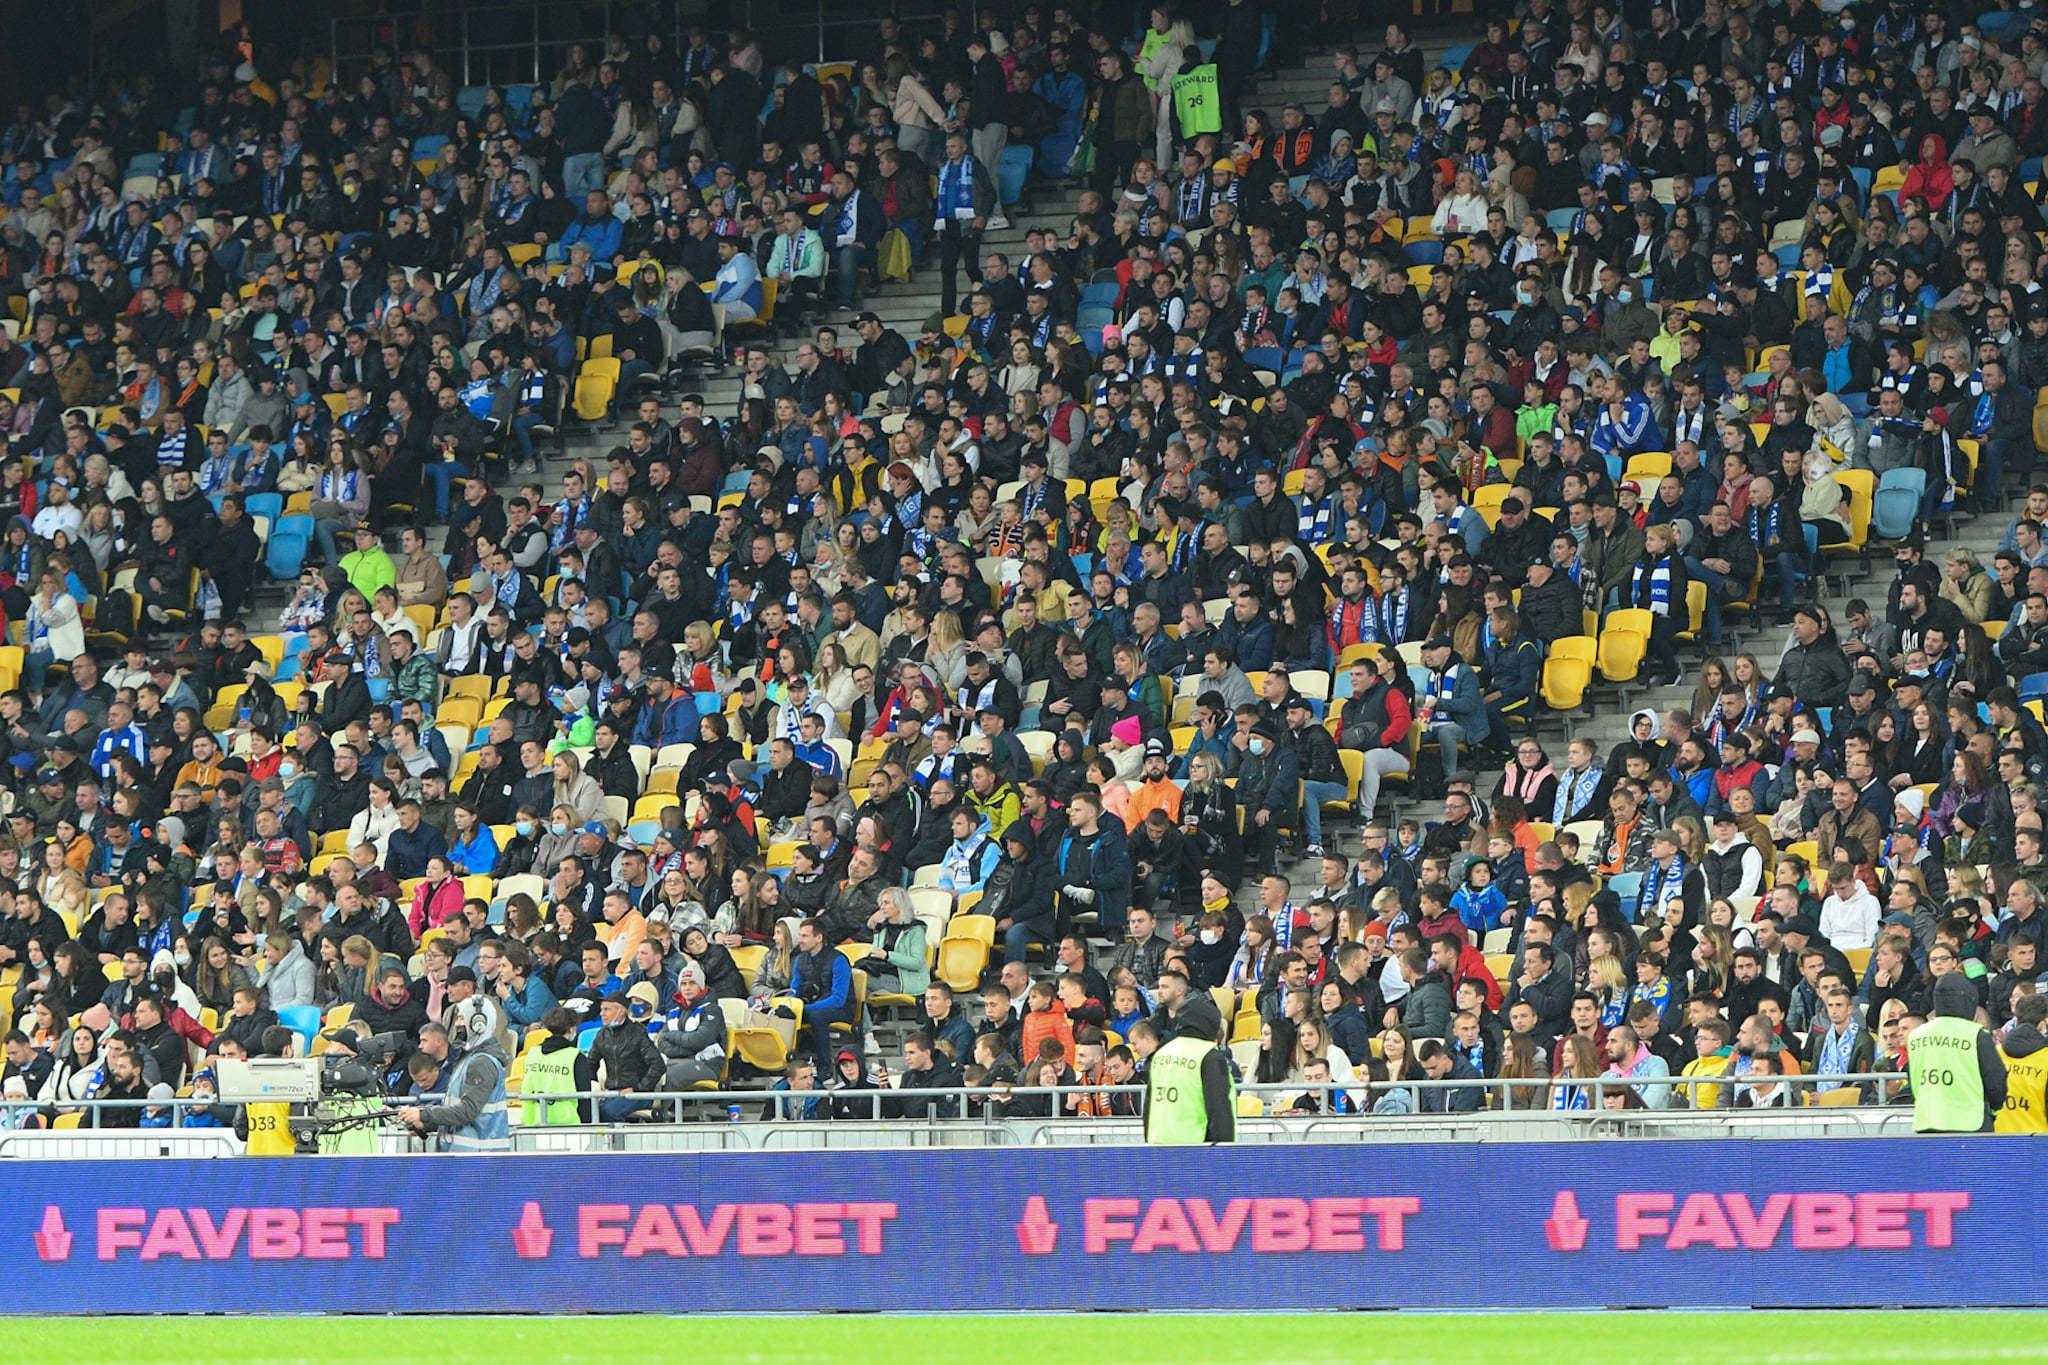 """Где и как ходят на футбол: """"битва за Киев"""" - продолжение, и что было до пандемии? - изображение 1"""